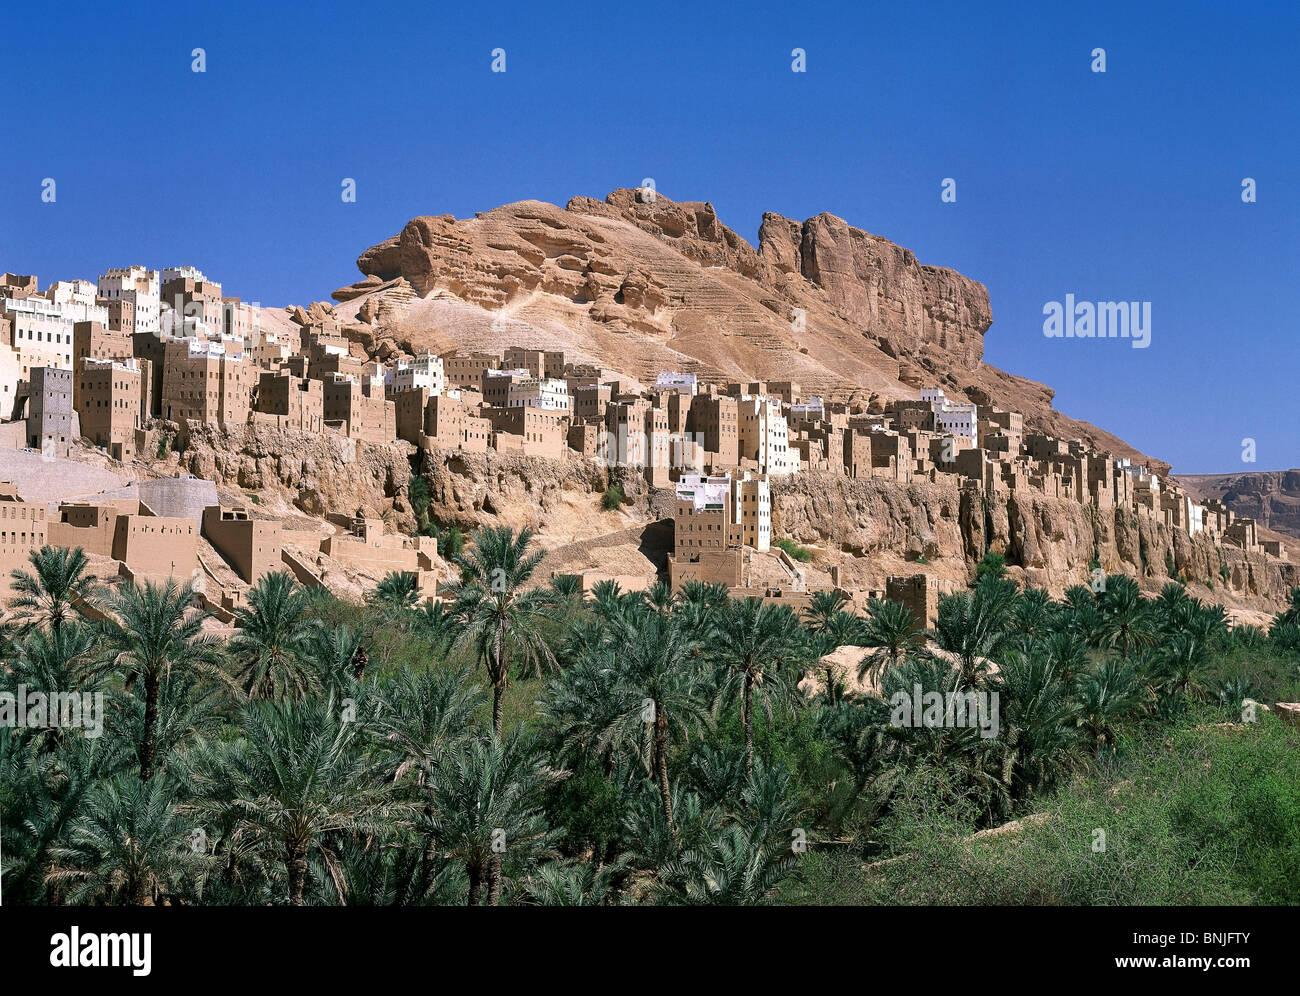 Février 2005 La vallée d'Hadramaout au Yémen, près de la ville de Shibam palmiers mountain Photo Stock